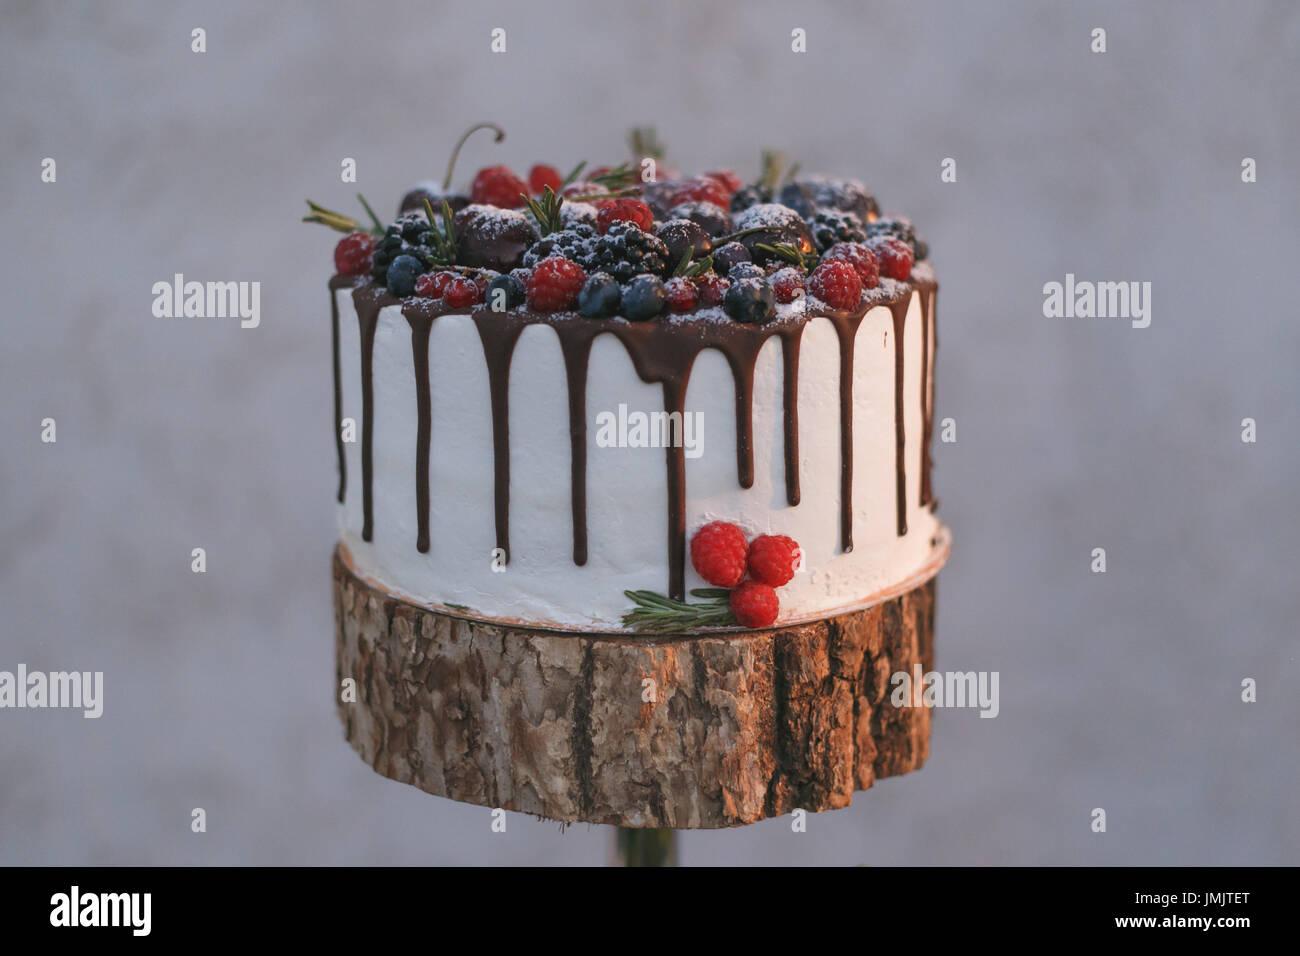 Un gâteau de mariage avec des baies, versé avec du chocolat sur une étagère en bois Photo Stock